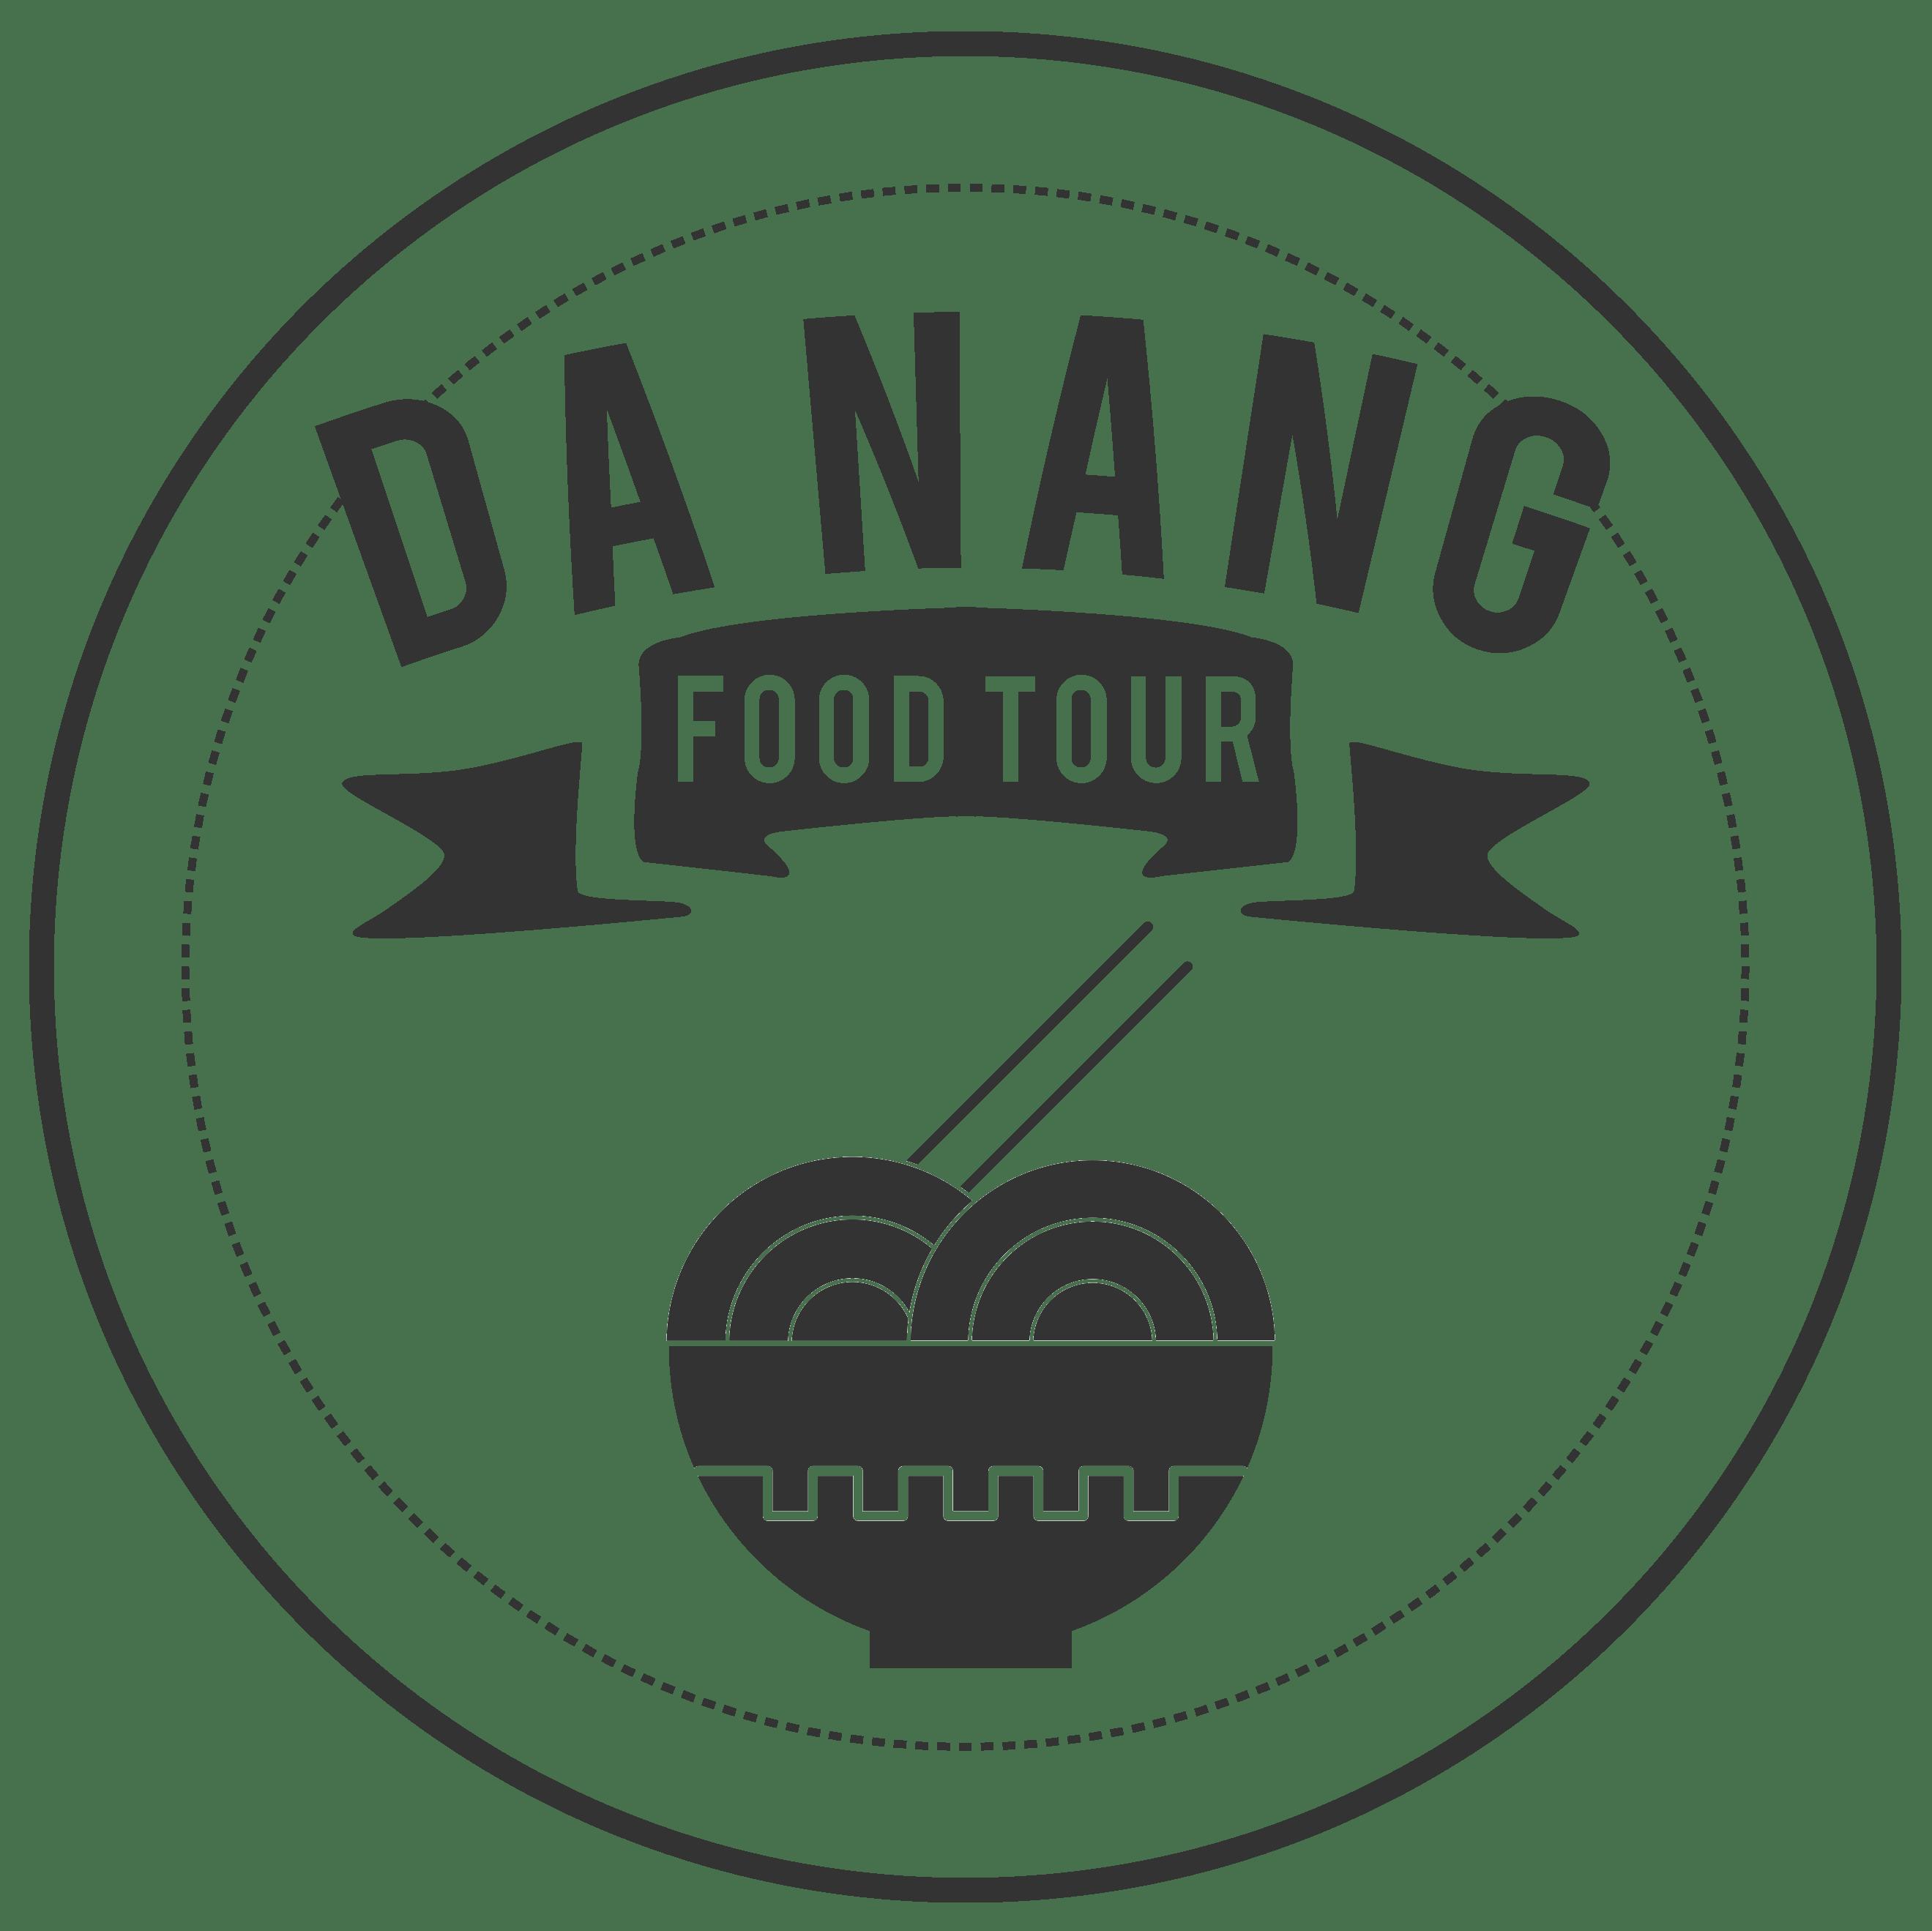 Da Nang Food Tour